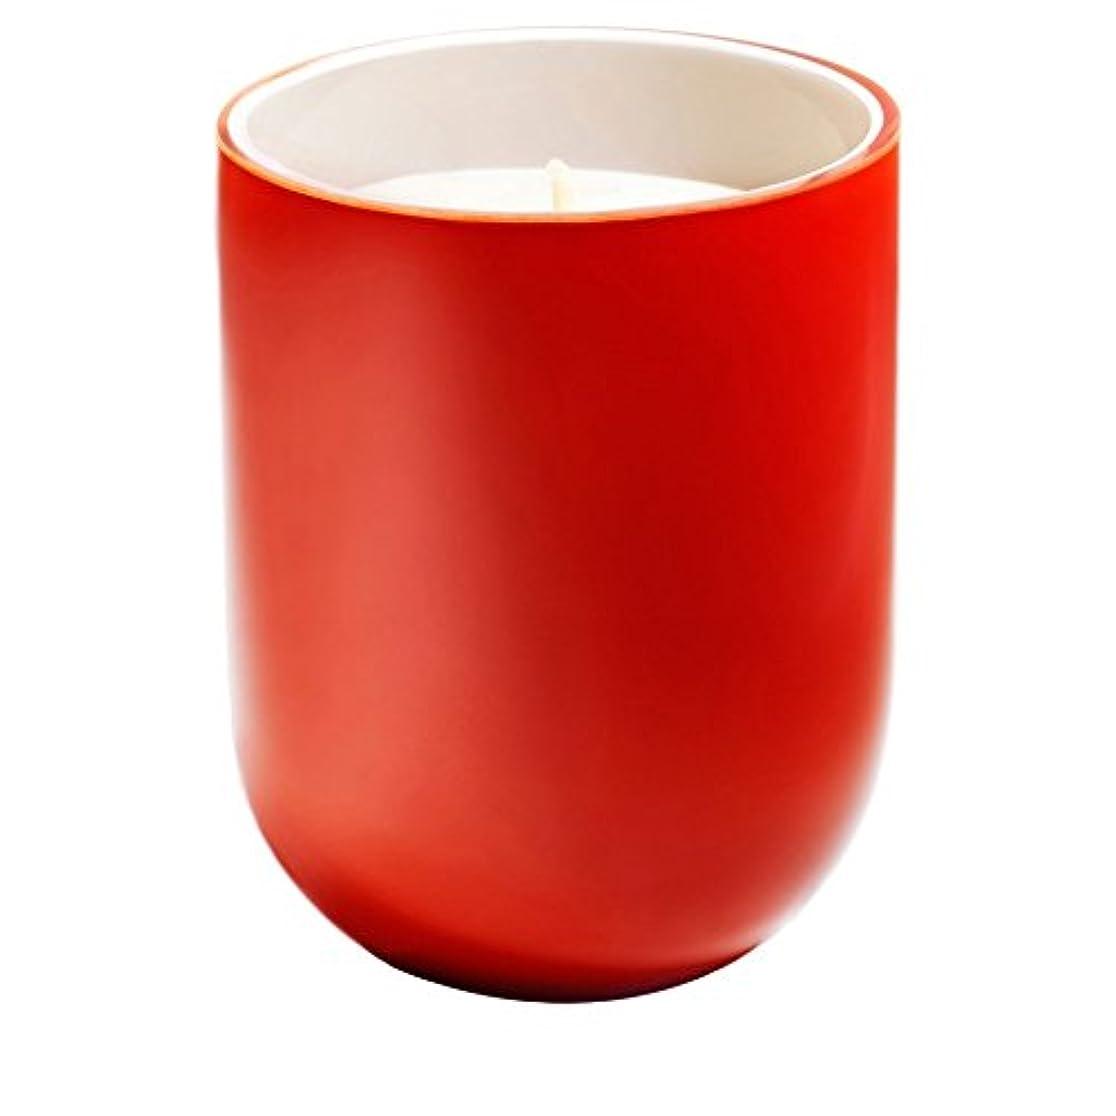 フォームすべてマッシュフレデリック?マルカフェ社会の香りのキャンドル x6 - Frederic Malle Caf? Society Scented Candle (Pack of 6) [並行輸入品]